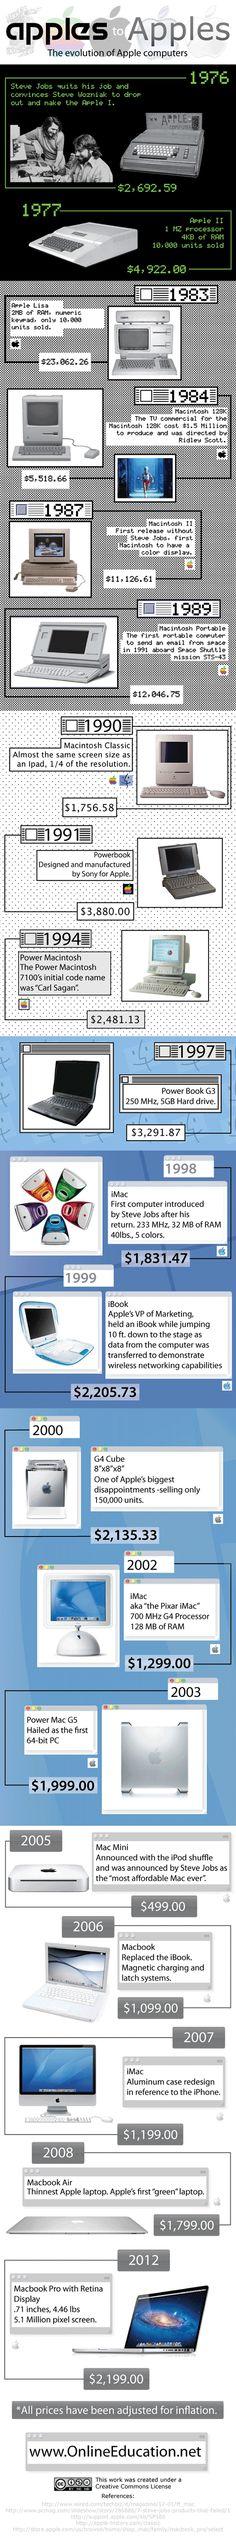 La evolució dels apple